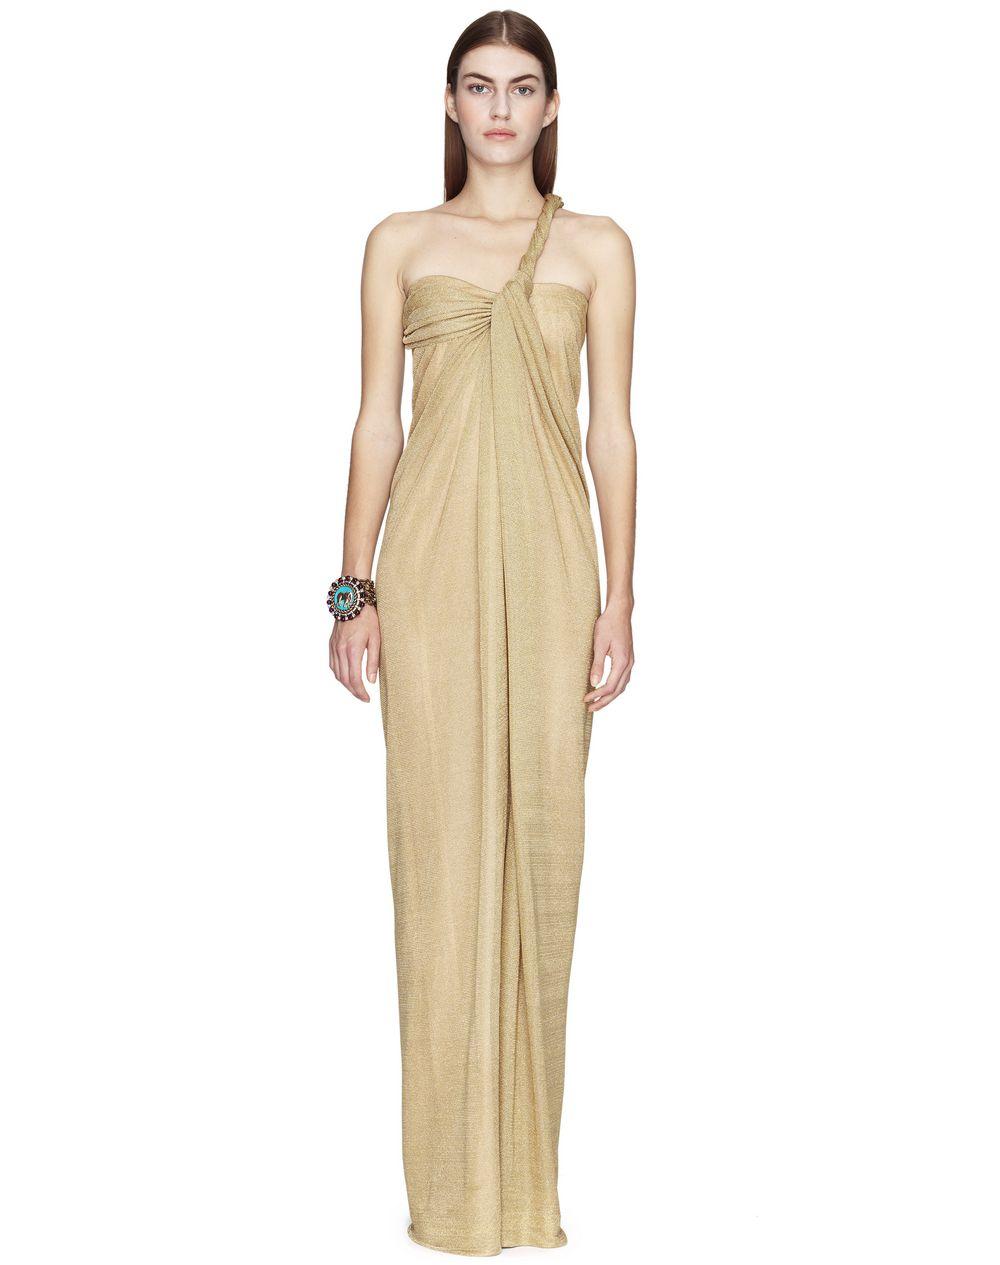 Robe longue en lurex métallique de couleur or Prix €2 490